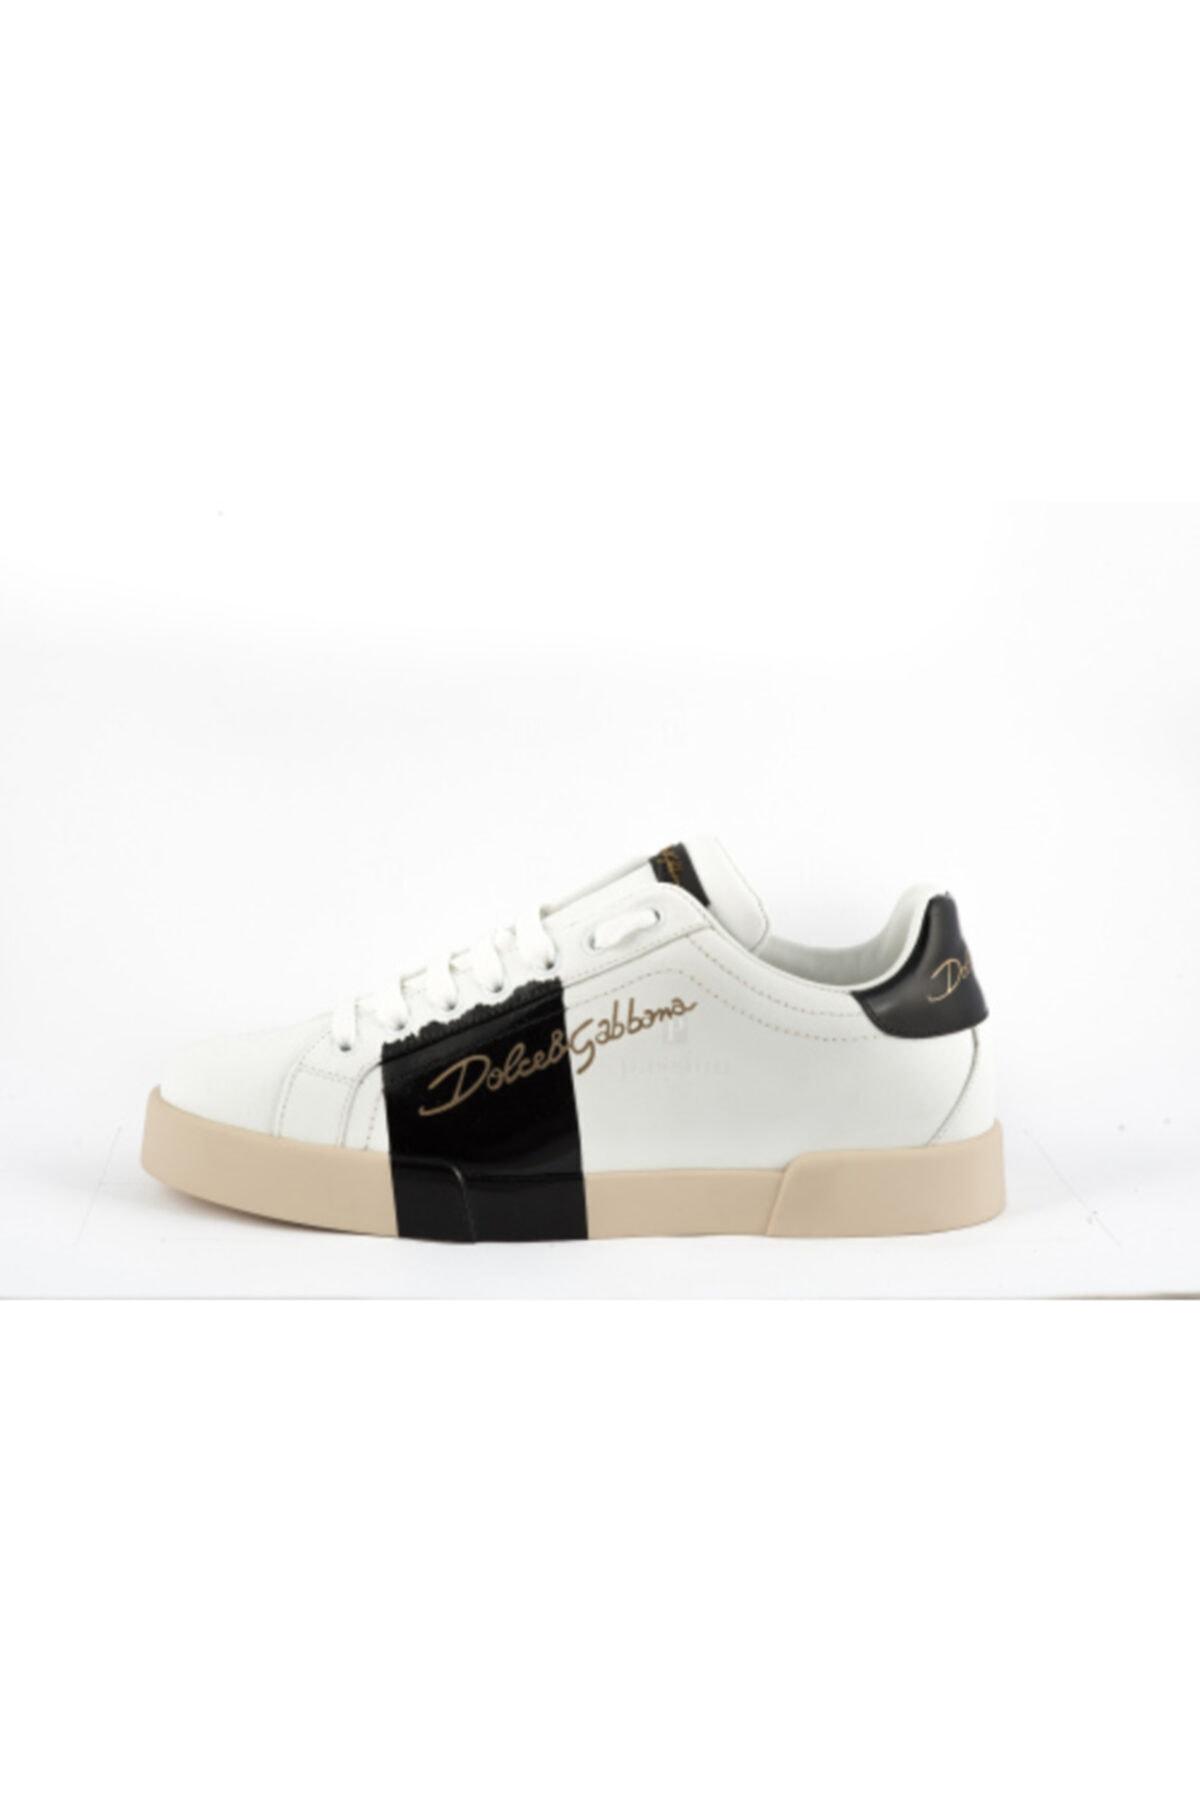 Dolce Gabbana Erkek Beyaz Sneakers 1